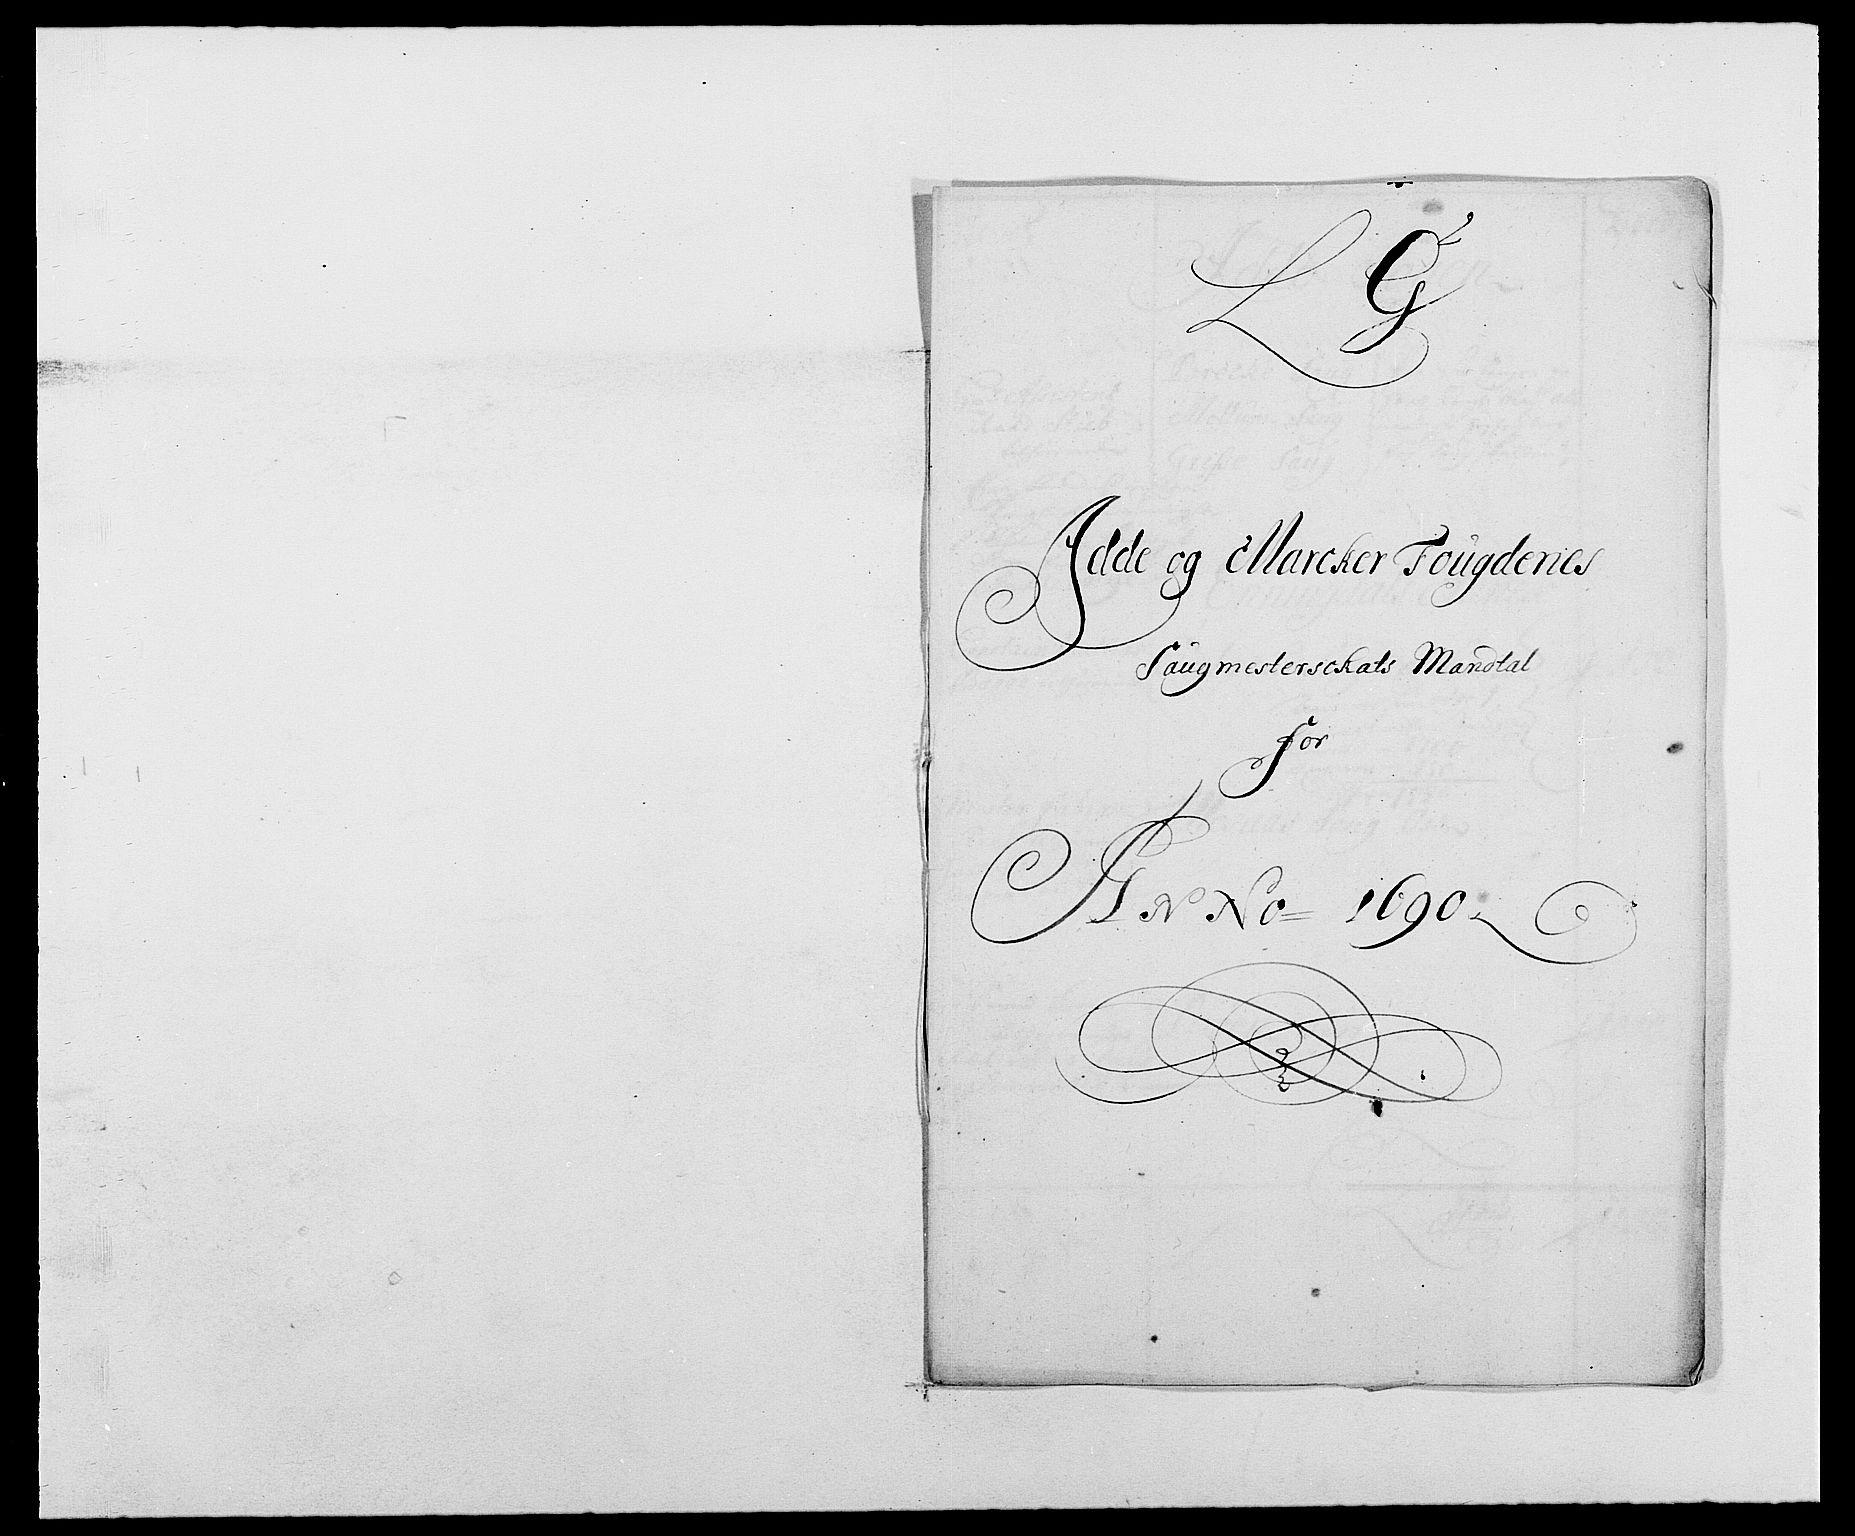 RA, Rentekammeret inntil 1814, Reviderte regnskaper, Fogderegnskap, R01/L0010: Fogderegnskap Idd og Marker, 1690-1691, p. 243